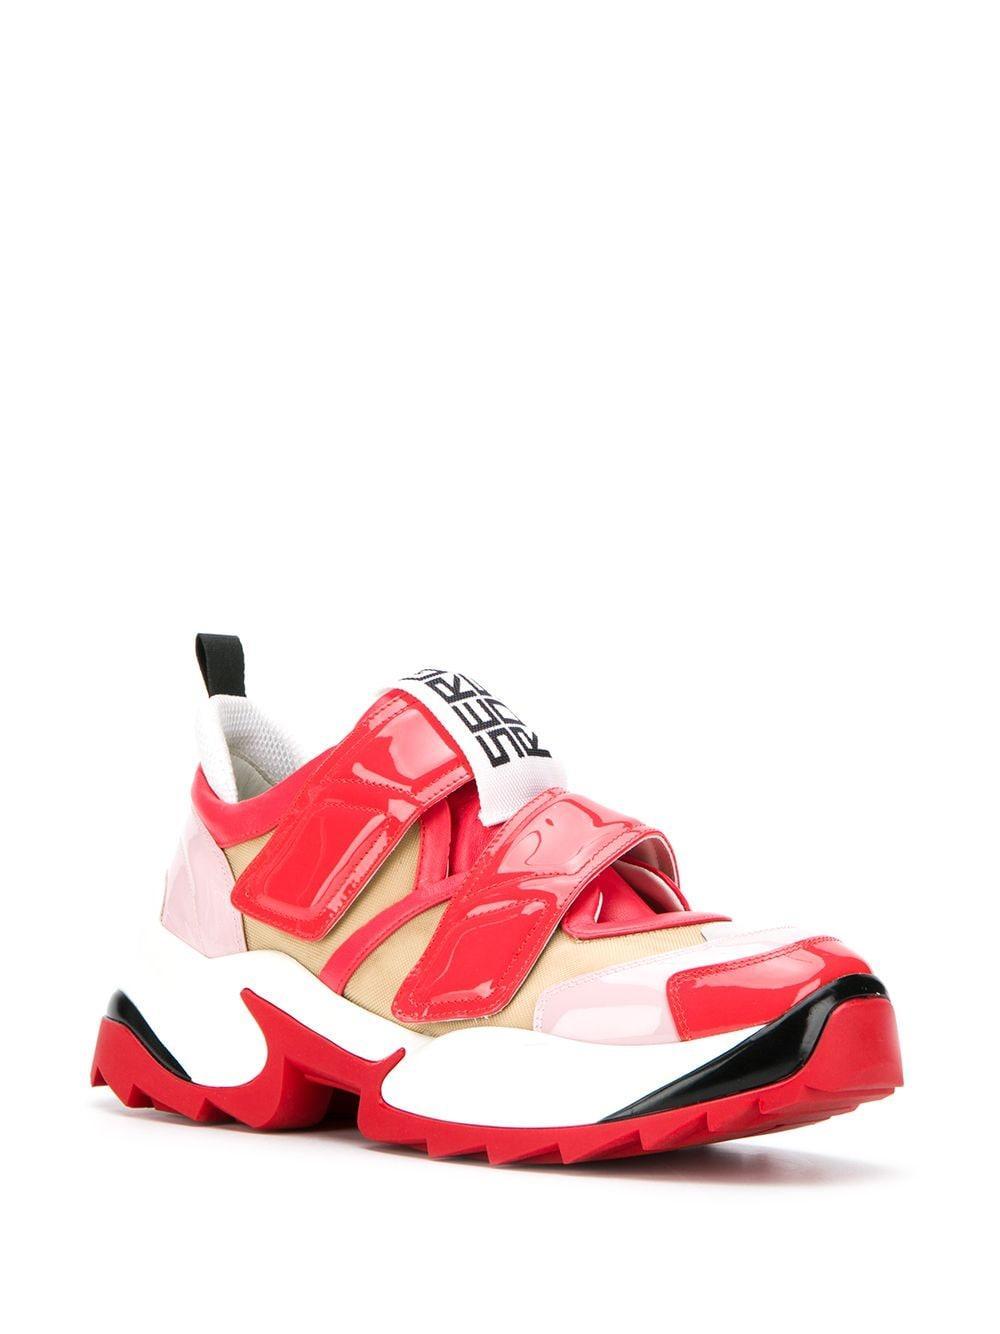 Zapatillas Sergio Extreme Sergio Rossi de Cuero de color Rojo